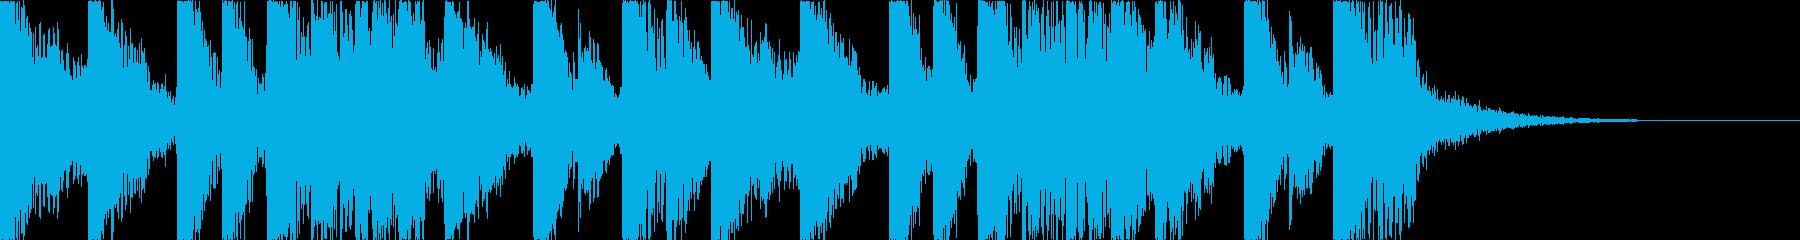 攻撃的でダークなEDMの再生済みの波形